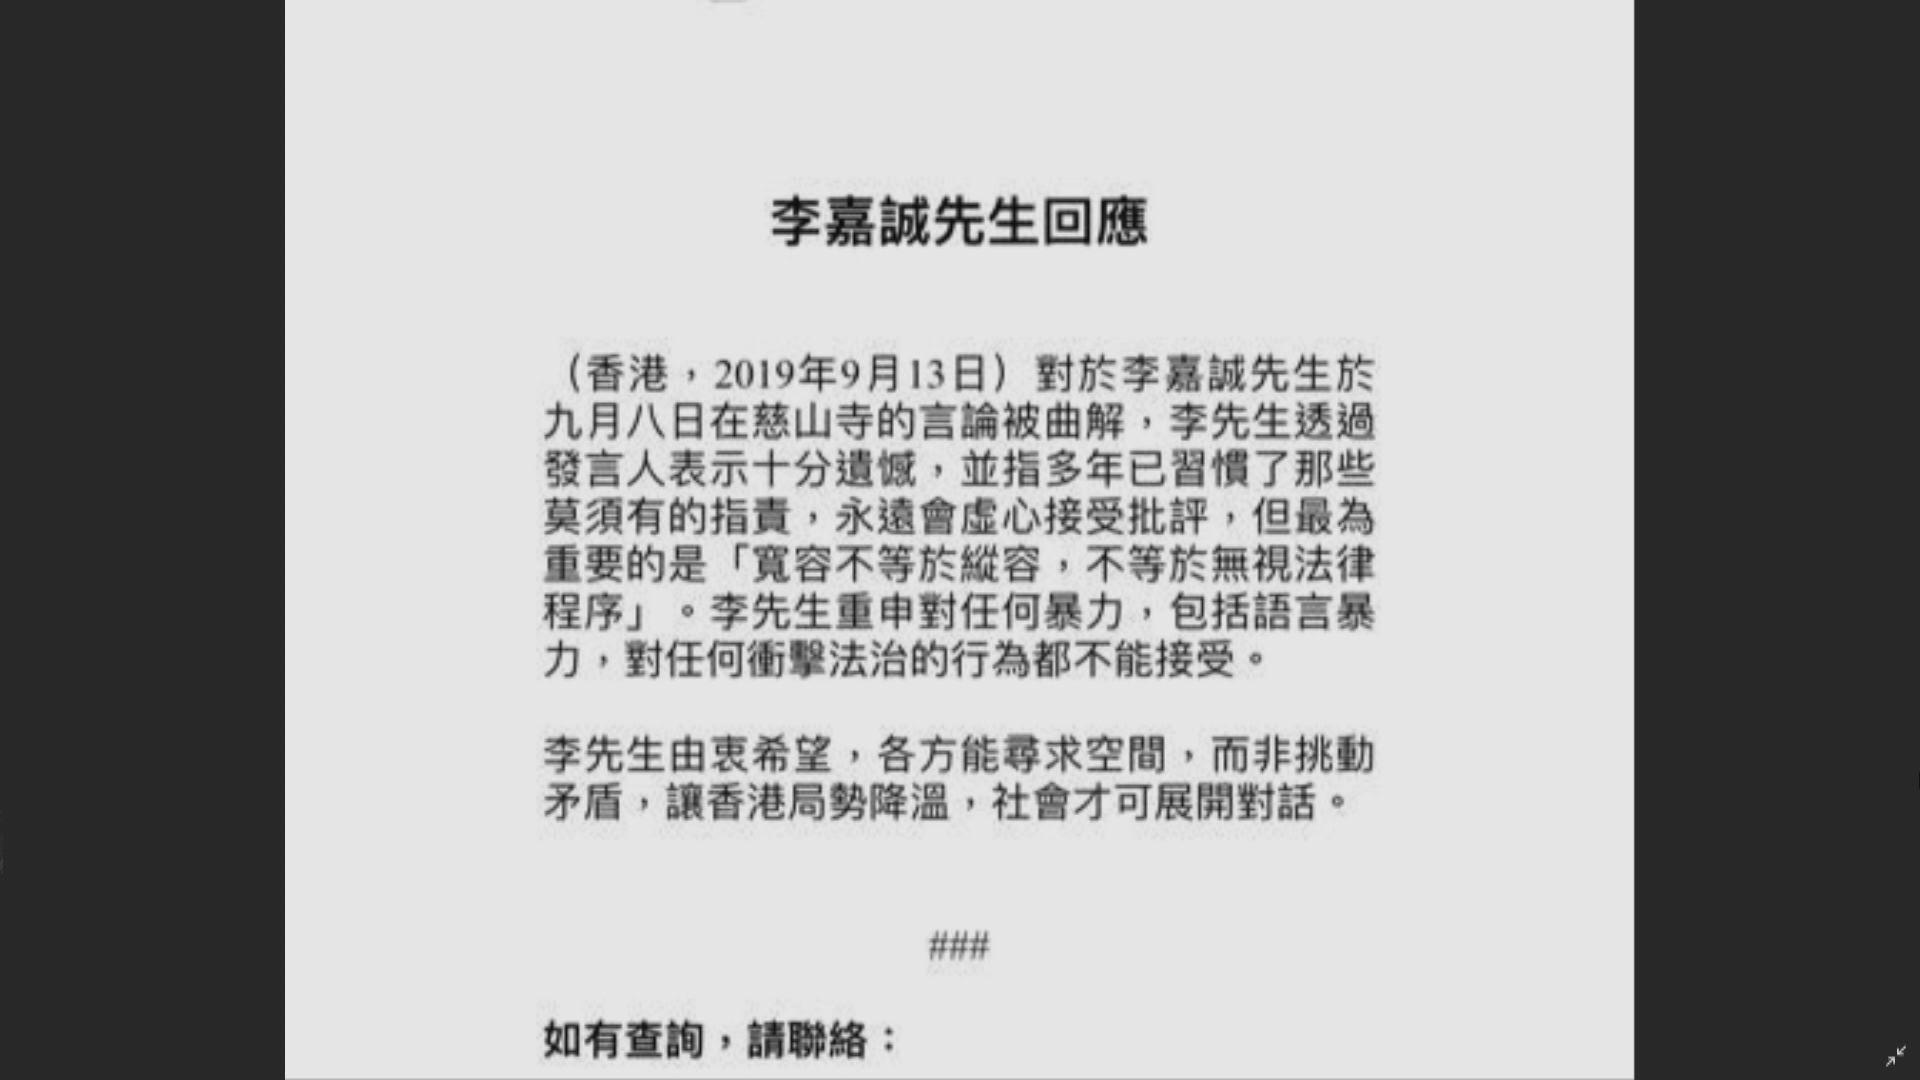 【被批縱容犯罪】李嘉誠:言論被曲解 寬容不等於縱容